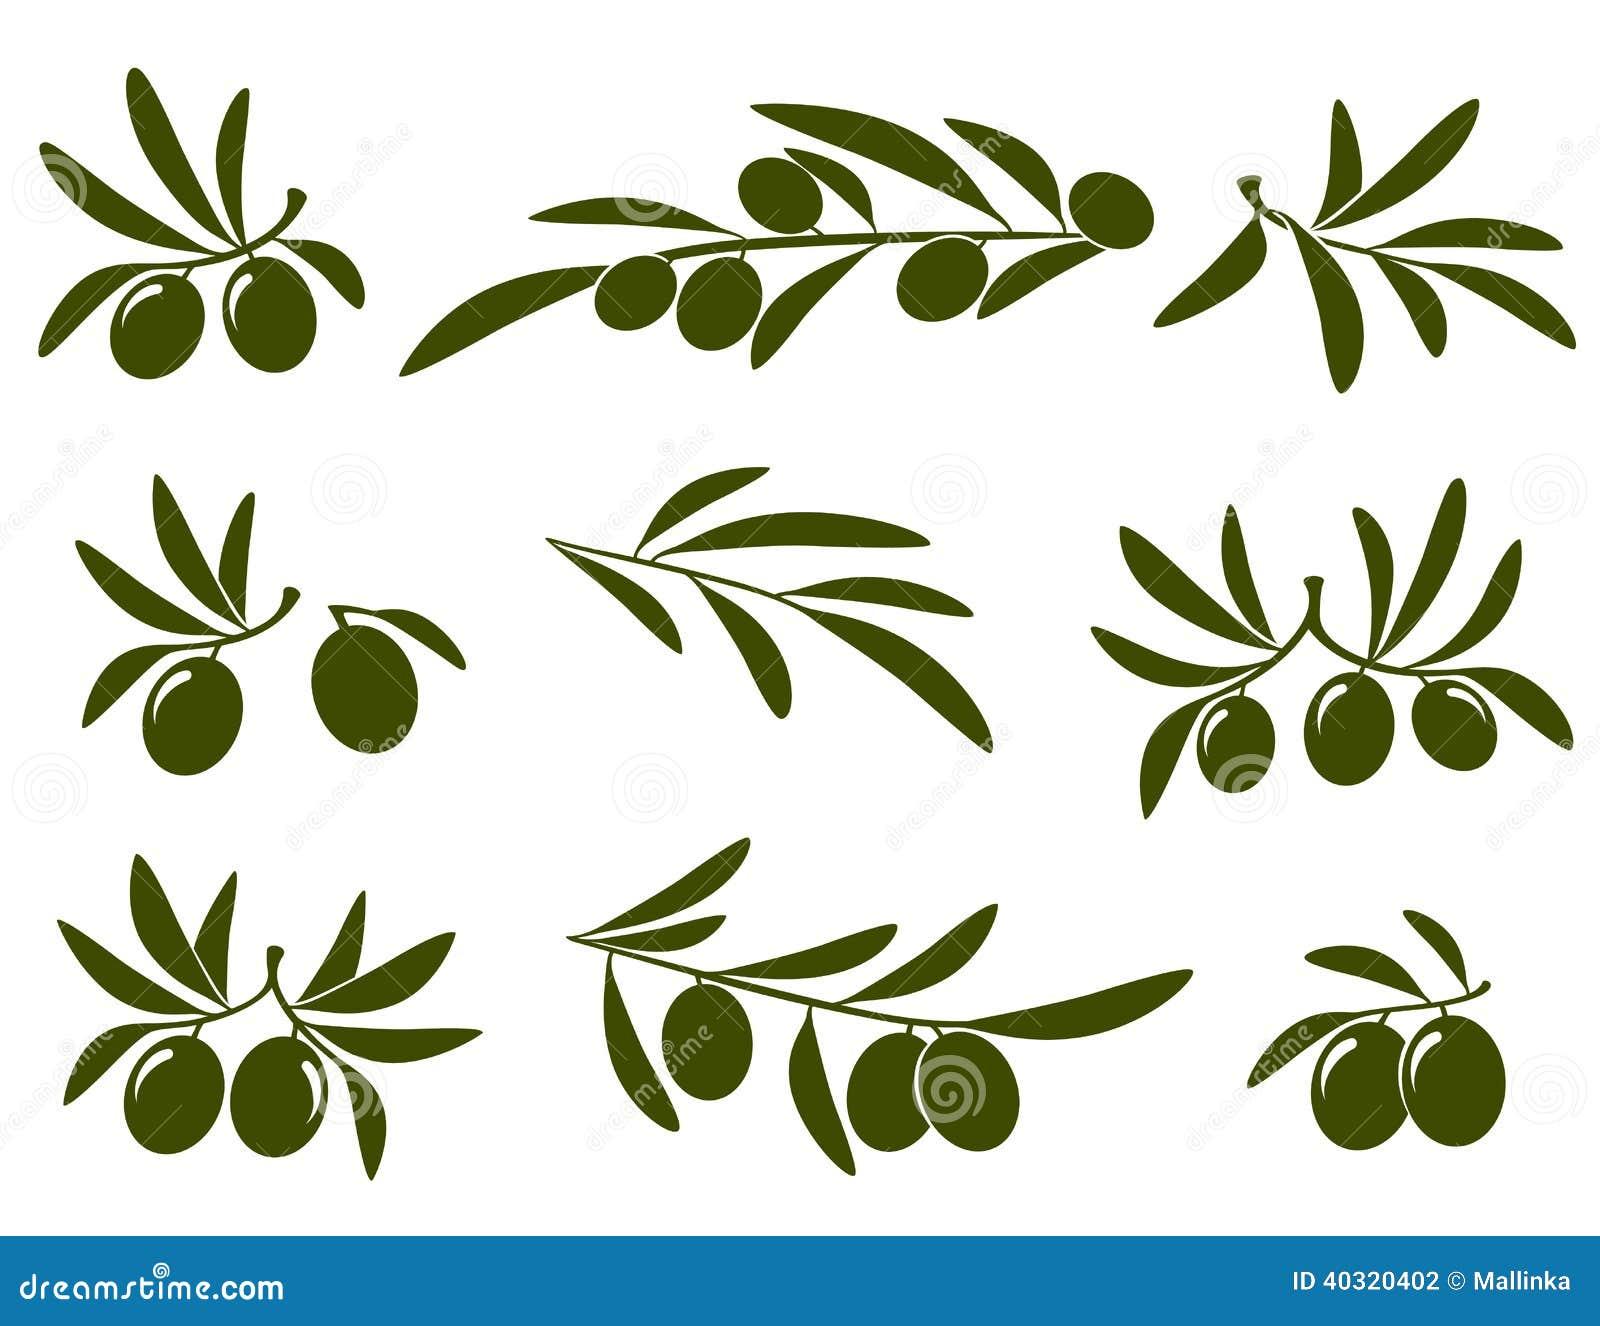 Insieme del ramo di ulivo illustrazione vettoriale for Albero ulivo vettoriale